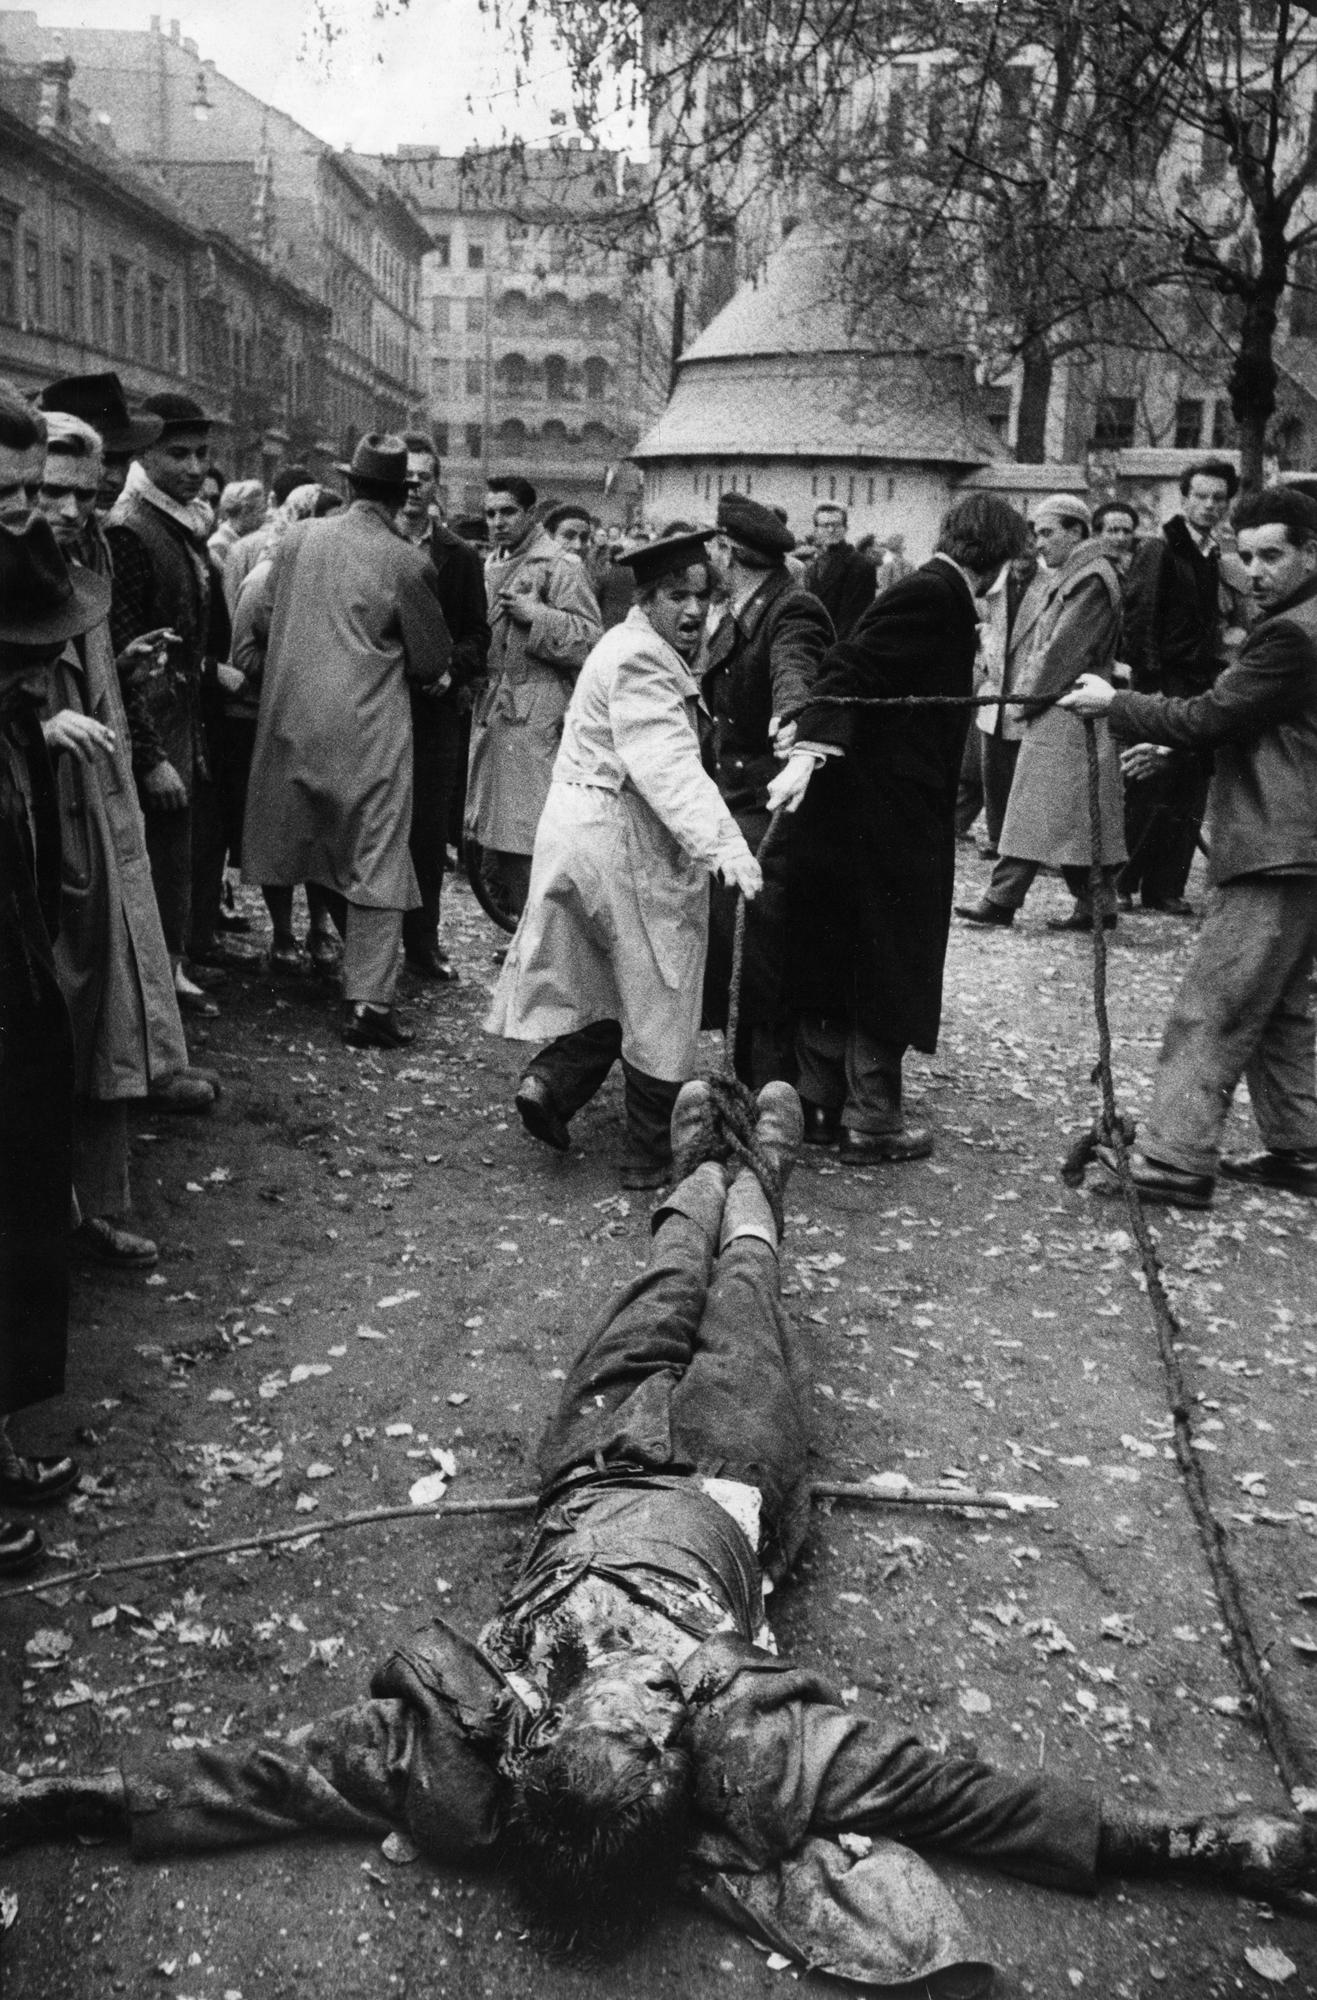 Fotó: Mario de Biasi: Budapest, 1956 © Mario de Biasi/Mondadori Portfolio